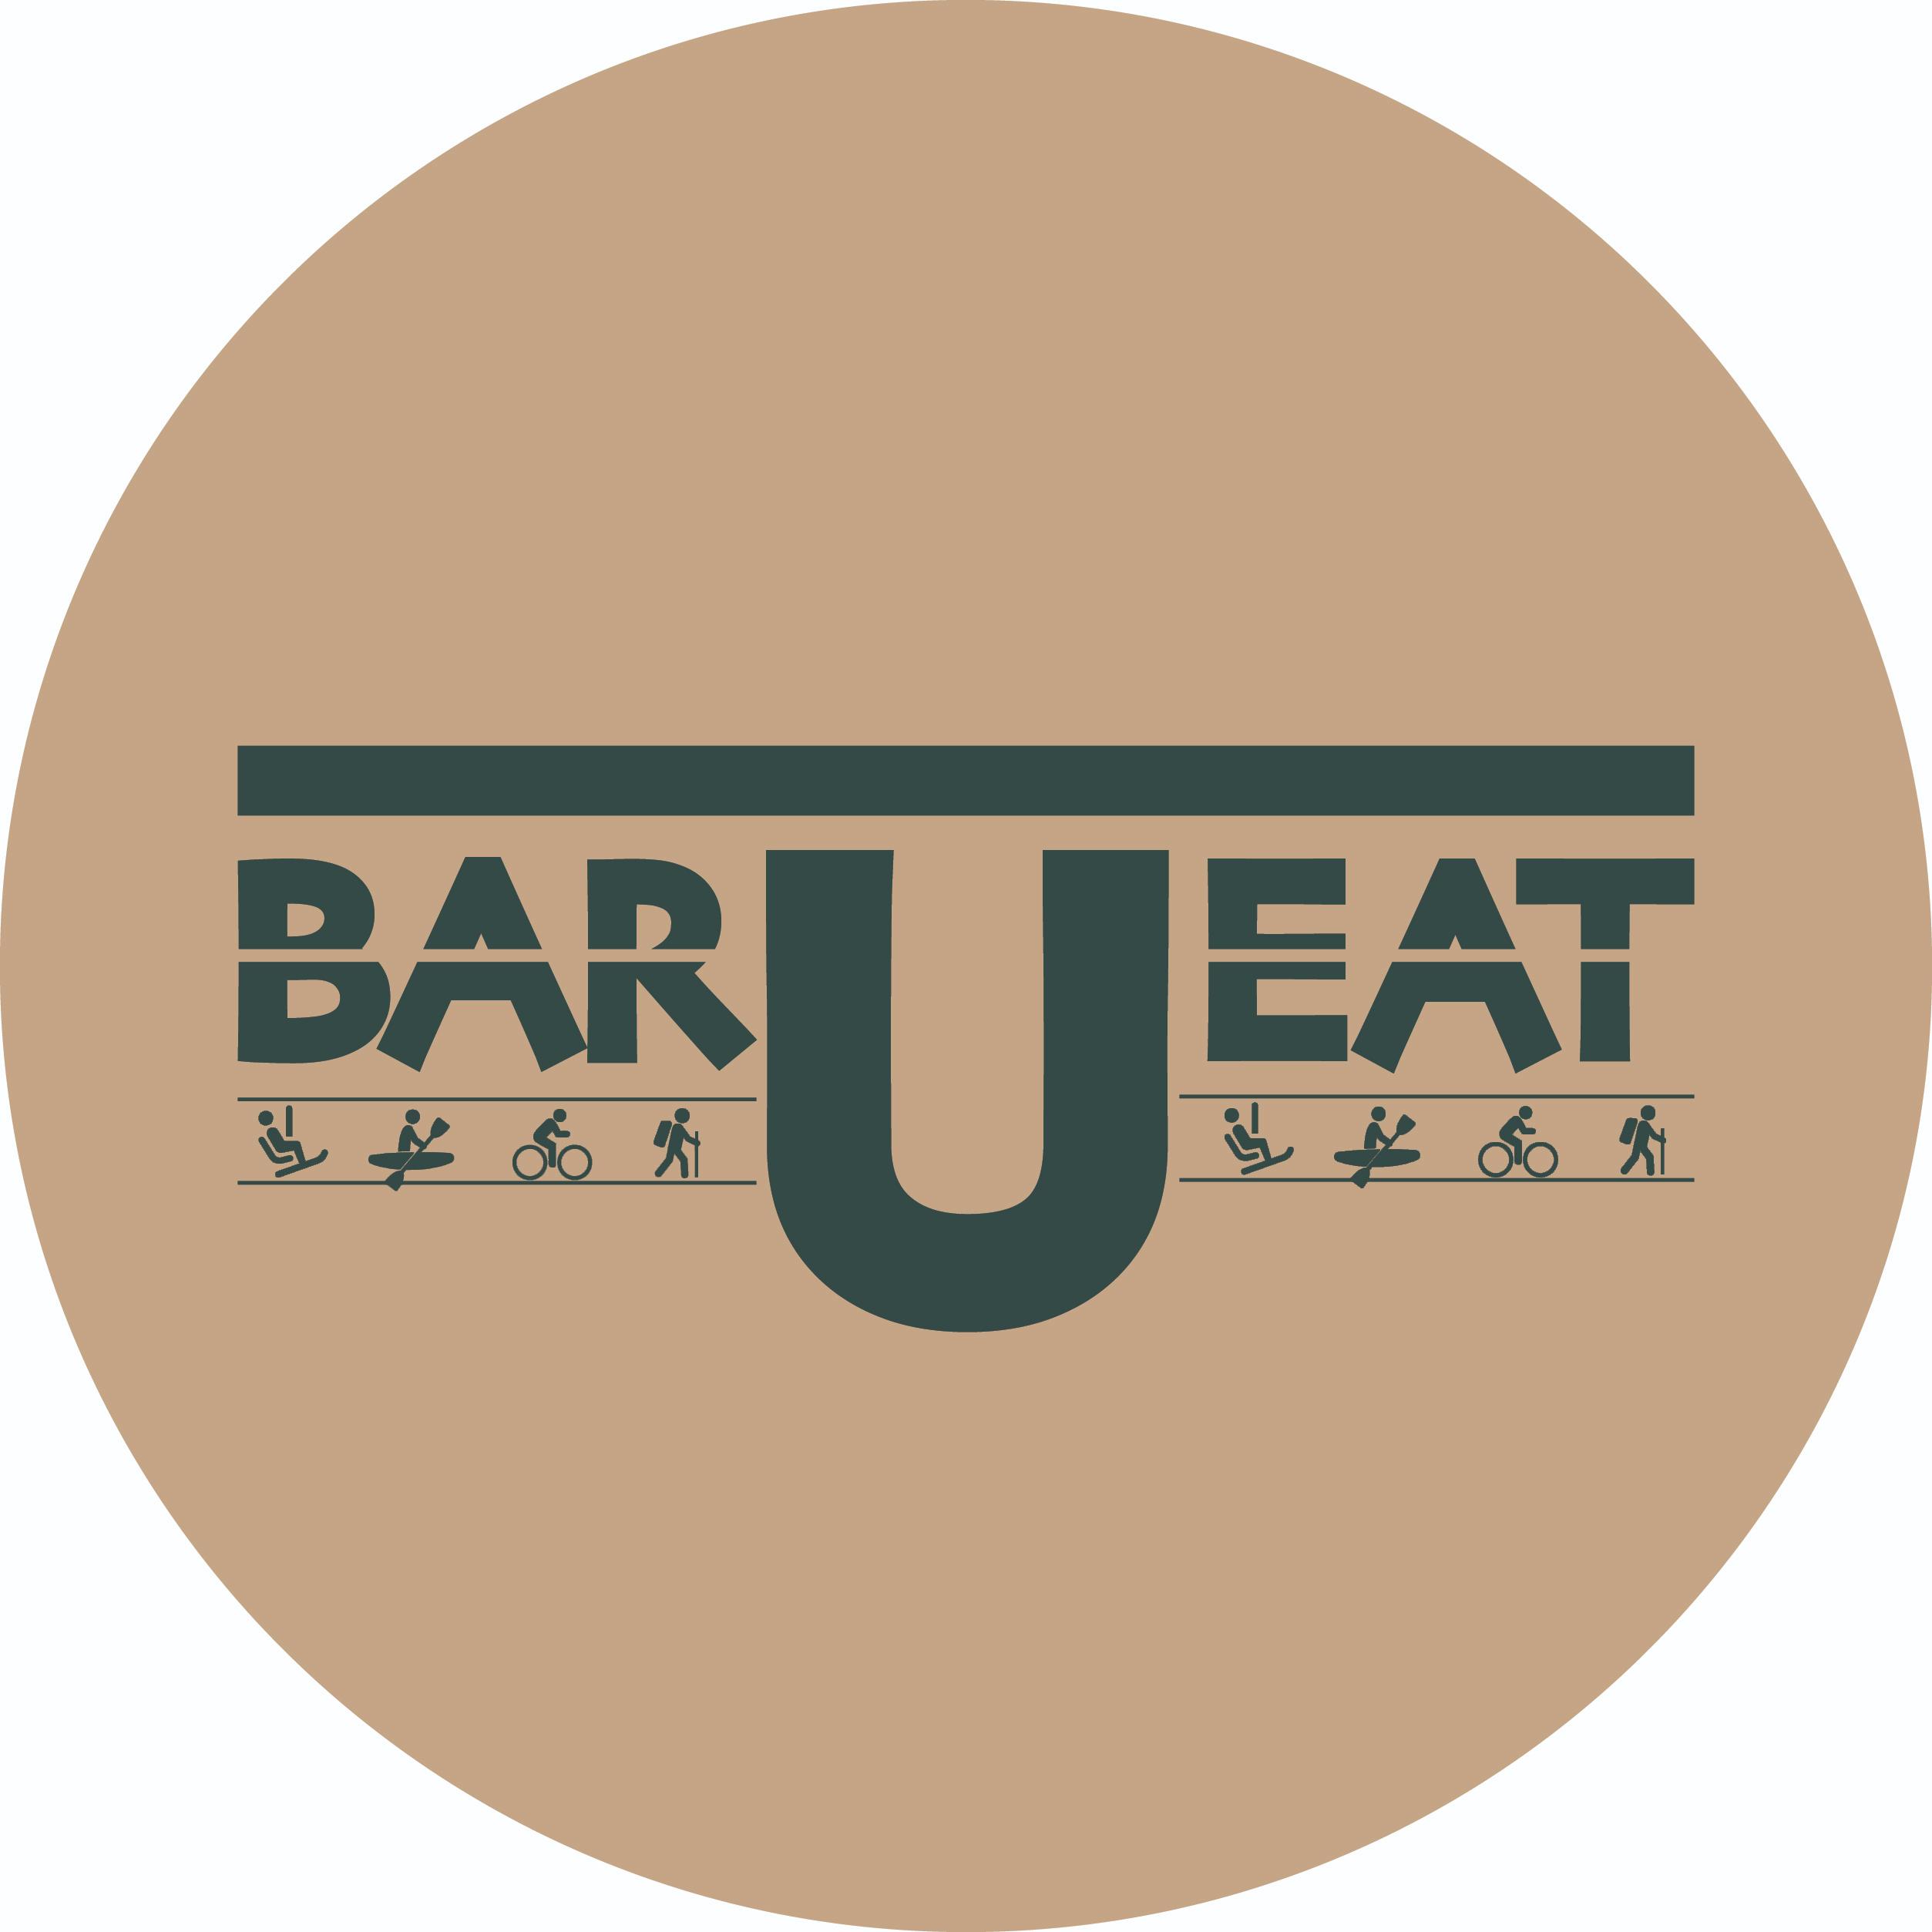 BAR-U-EAT